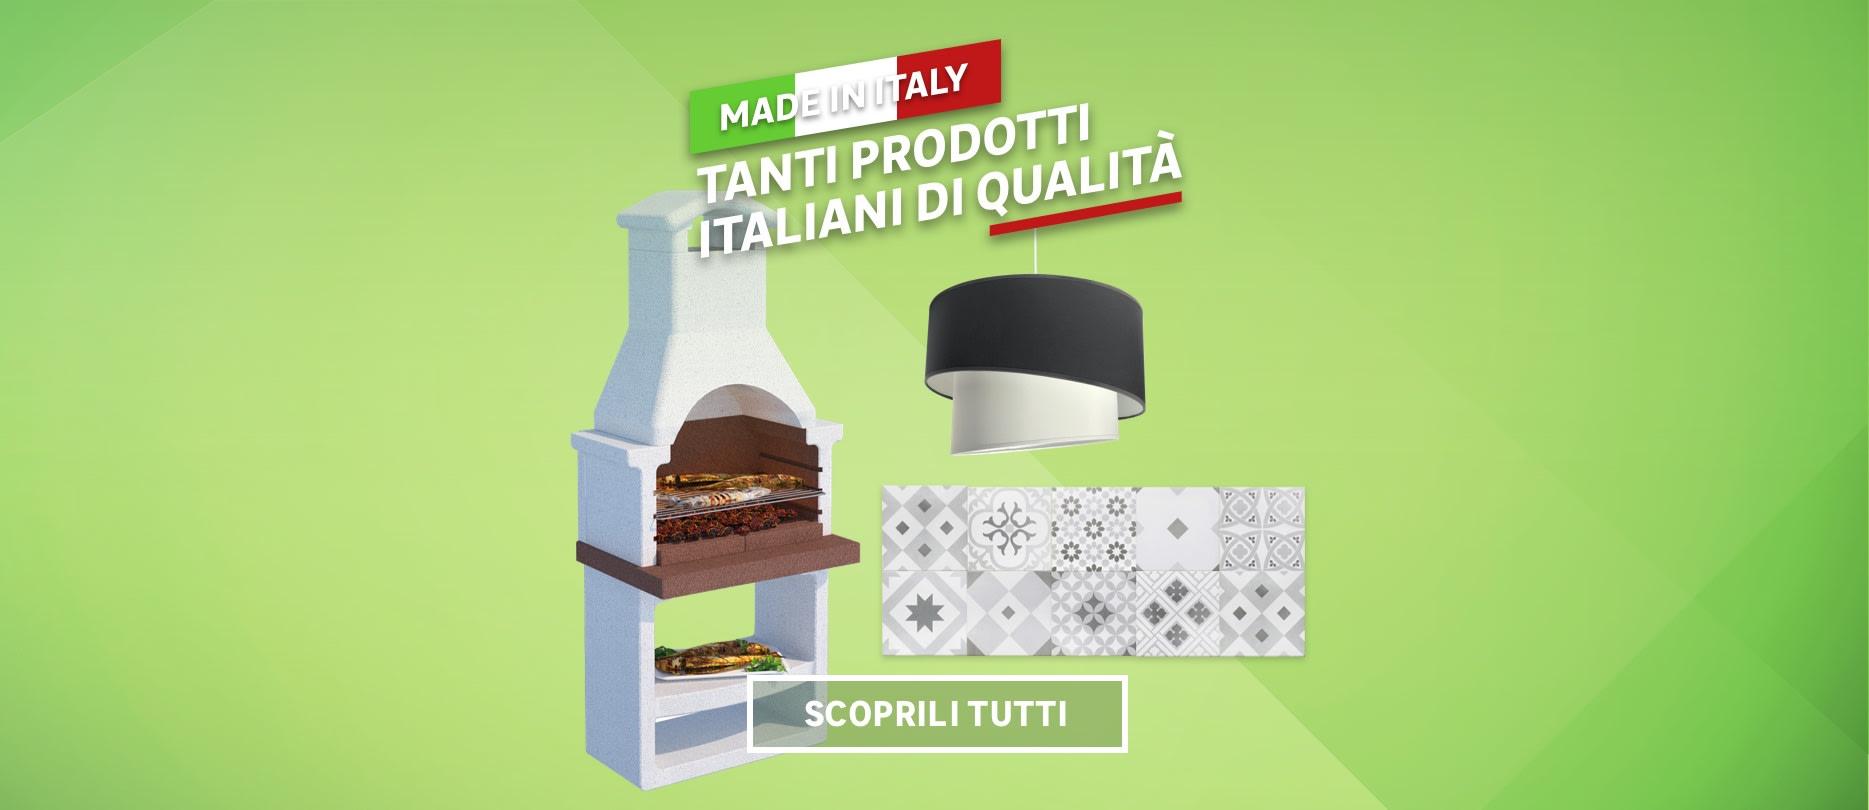 Tanti prodotti italiani di qualità